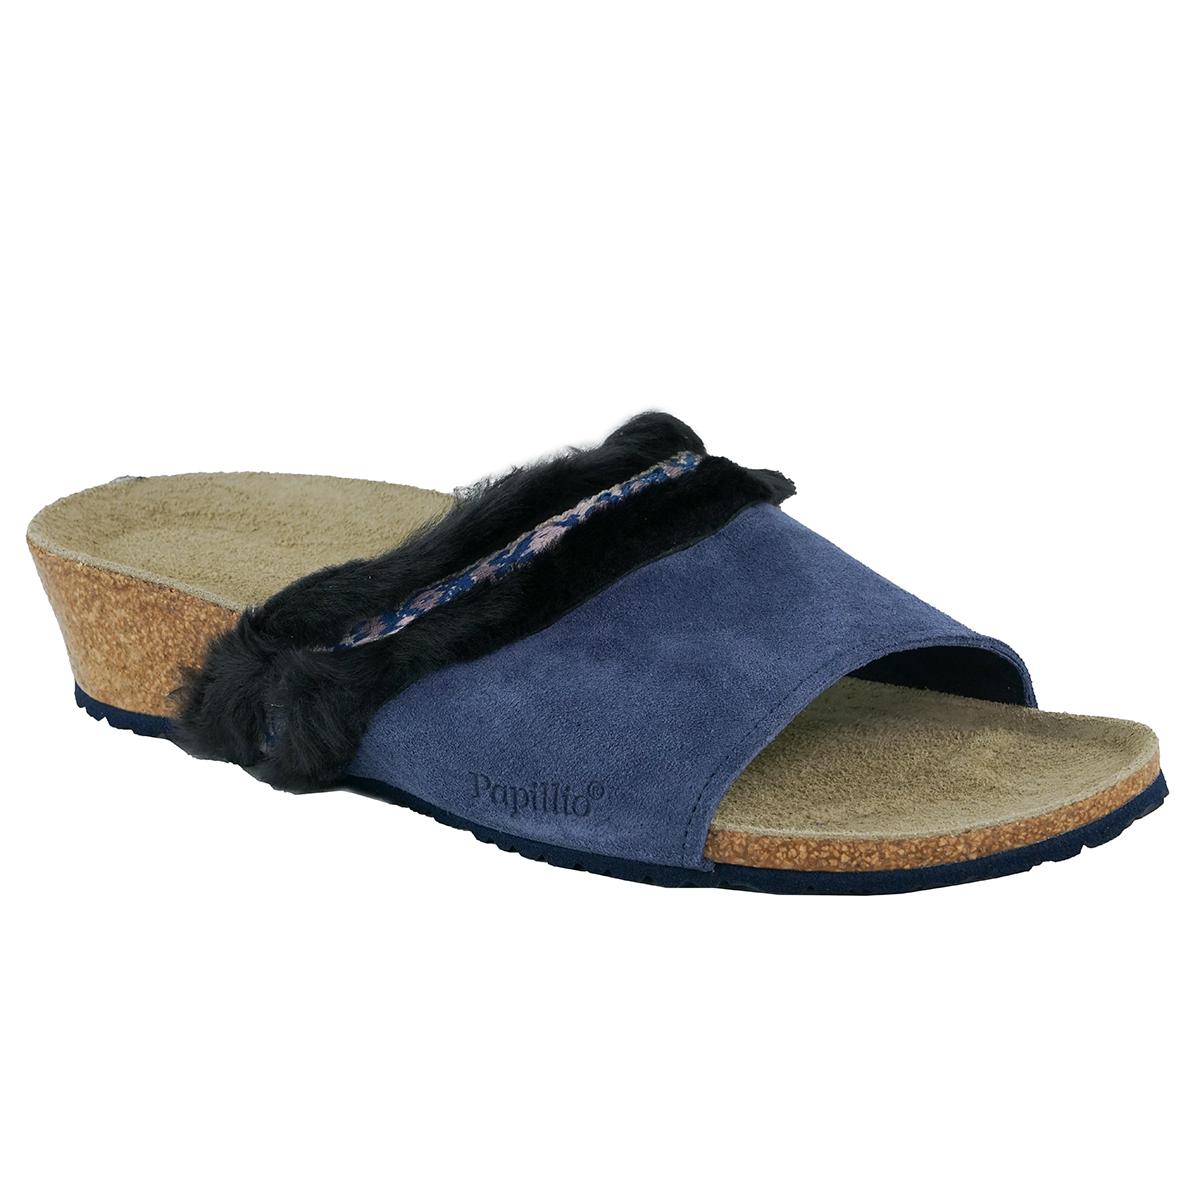 ca5d72e85370 Details about Birkenstock Papillio Women s Amber Suede Leather Fur Sandals